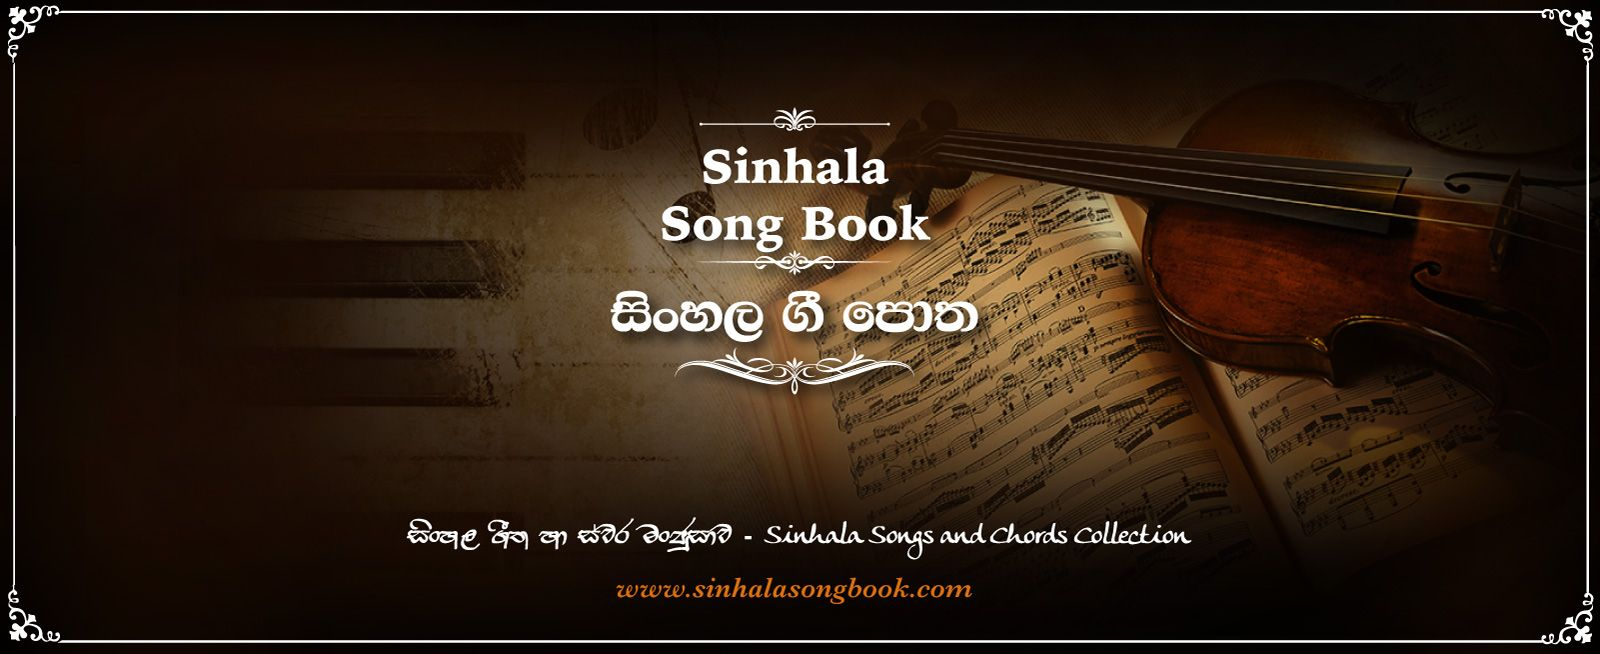 Sinhala Song Chords Sinhala Song Lyrics Sinhala Songs Sinhala Mp3